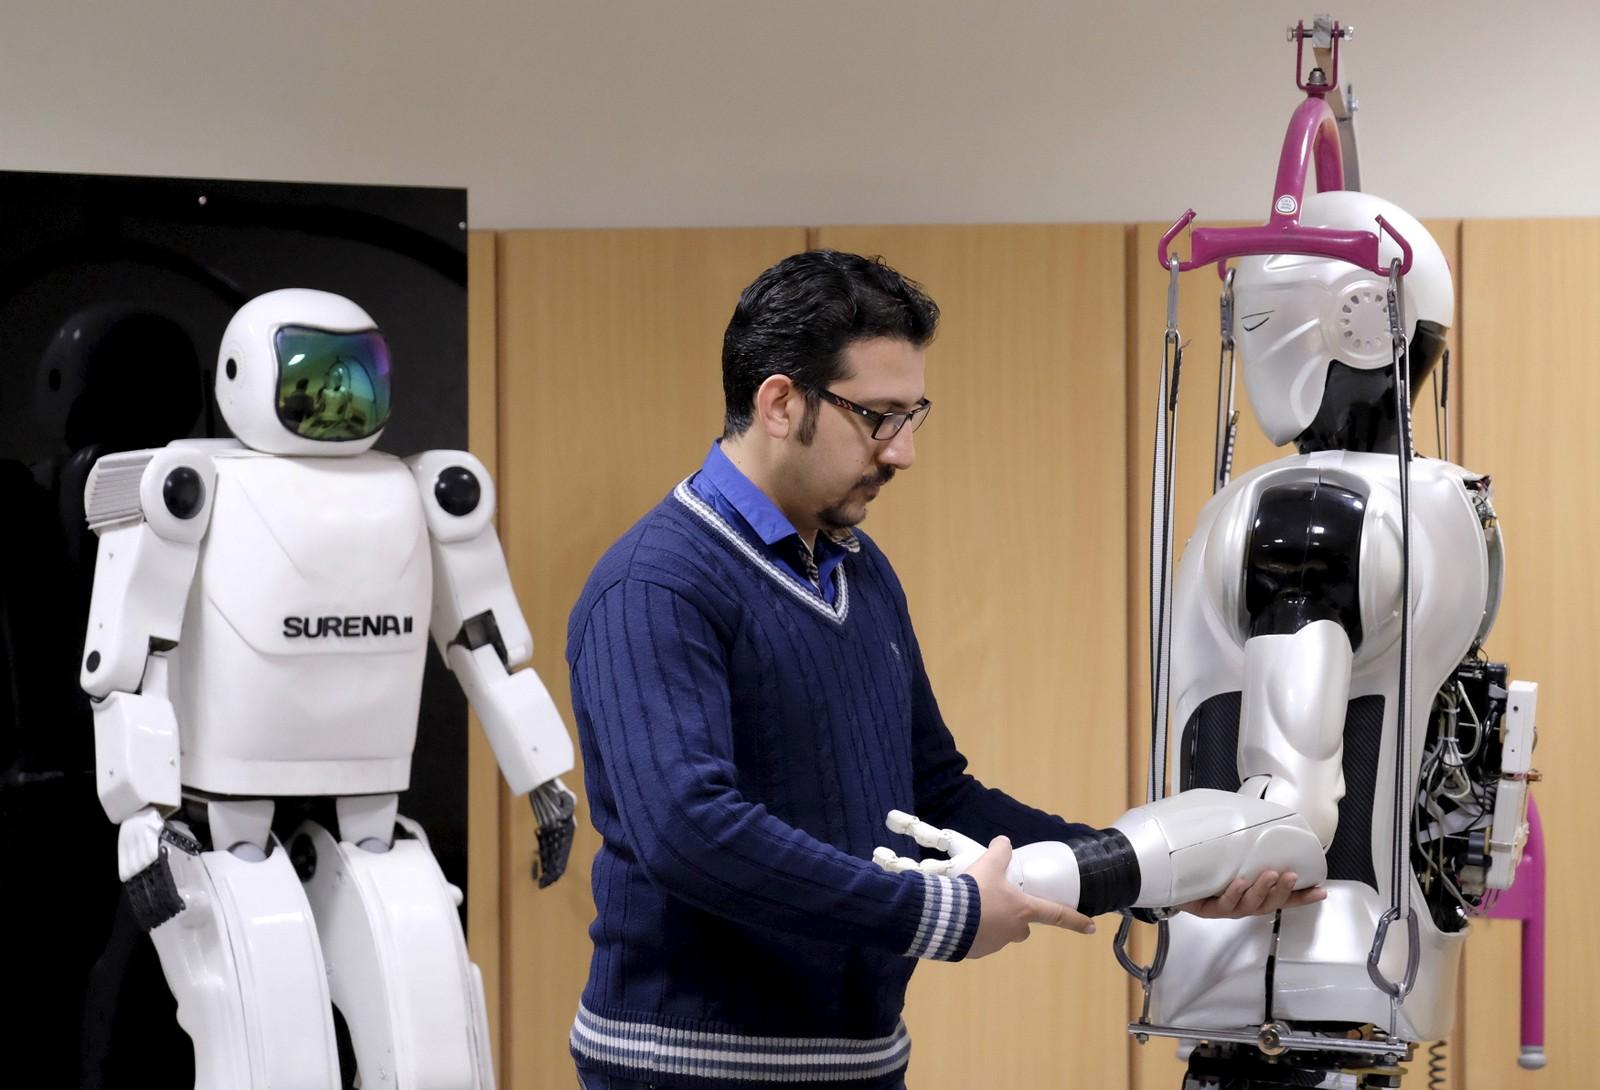 En ingeniør jobber med den menneskelignende roboten Surena 3 mens forgjengeren Surena 2 «følger med» i bakgrunnen. Universitetet i Teheran har utviklet denne 98 kilo tunge roboten som blant annet kan bevege seg i ujevnt terreng og gjenkjenne ansikter.